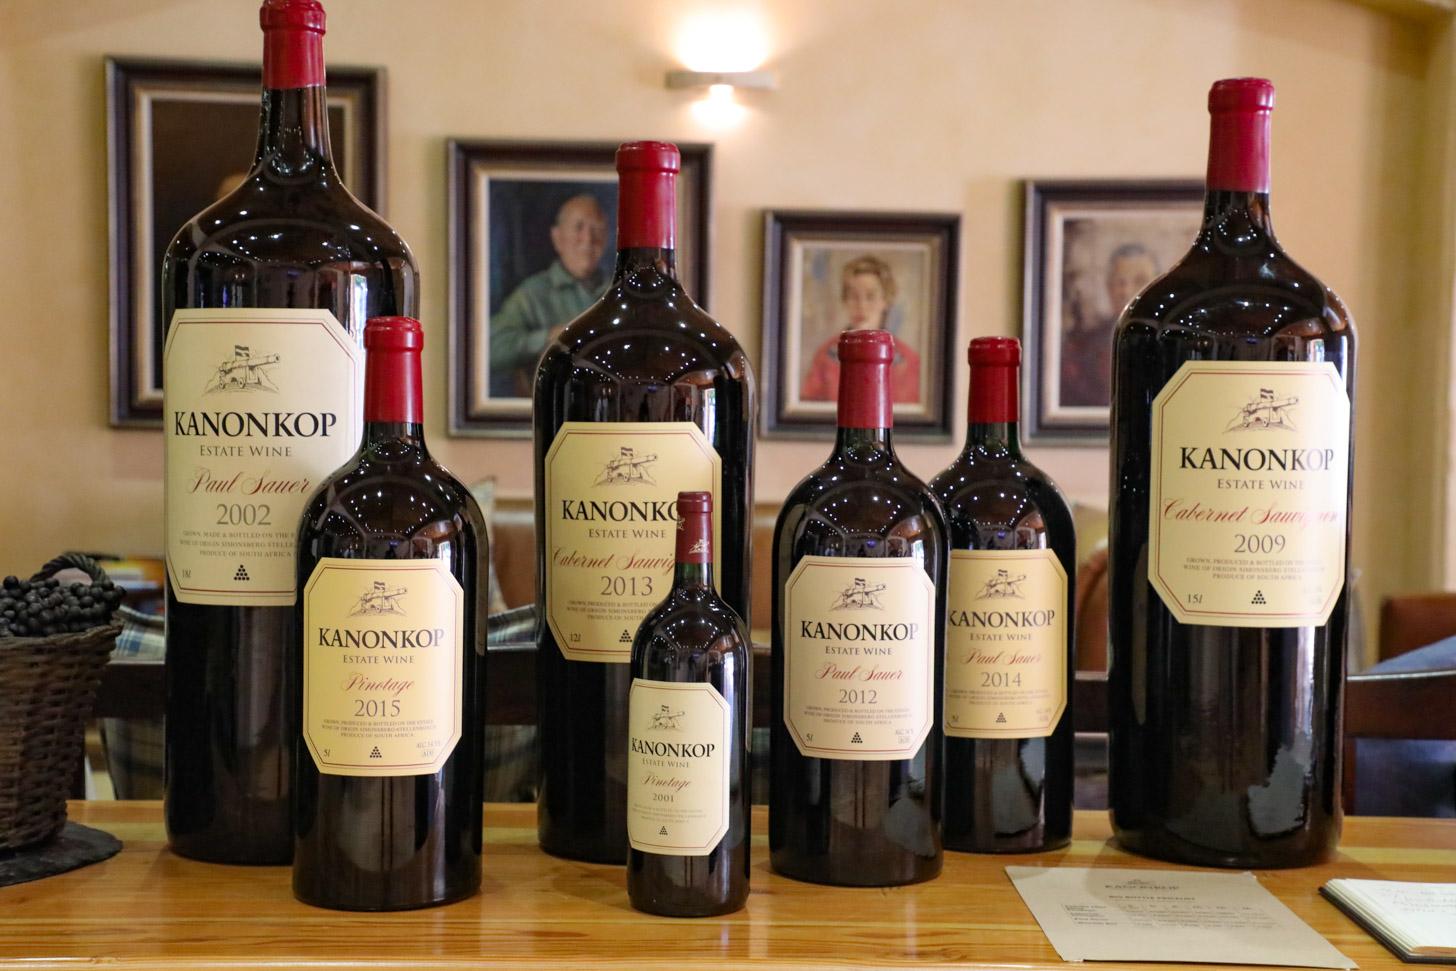 De wijnen van Kanonkop zijn onovertroffen.